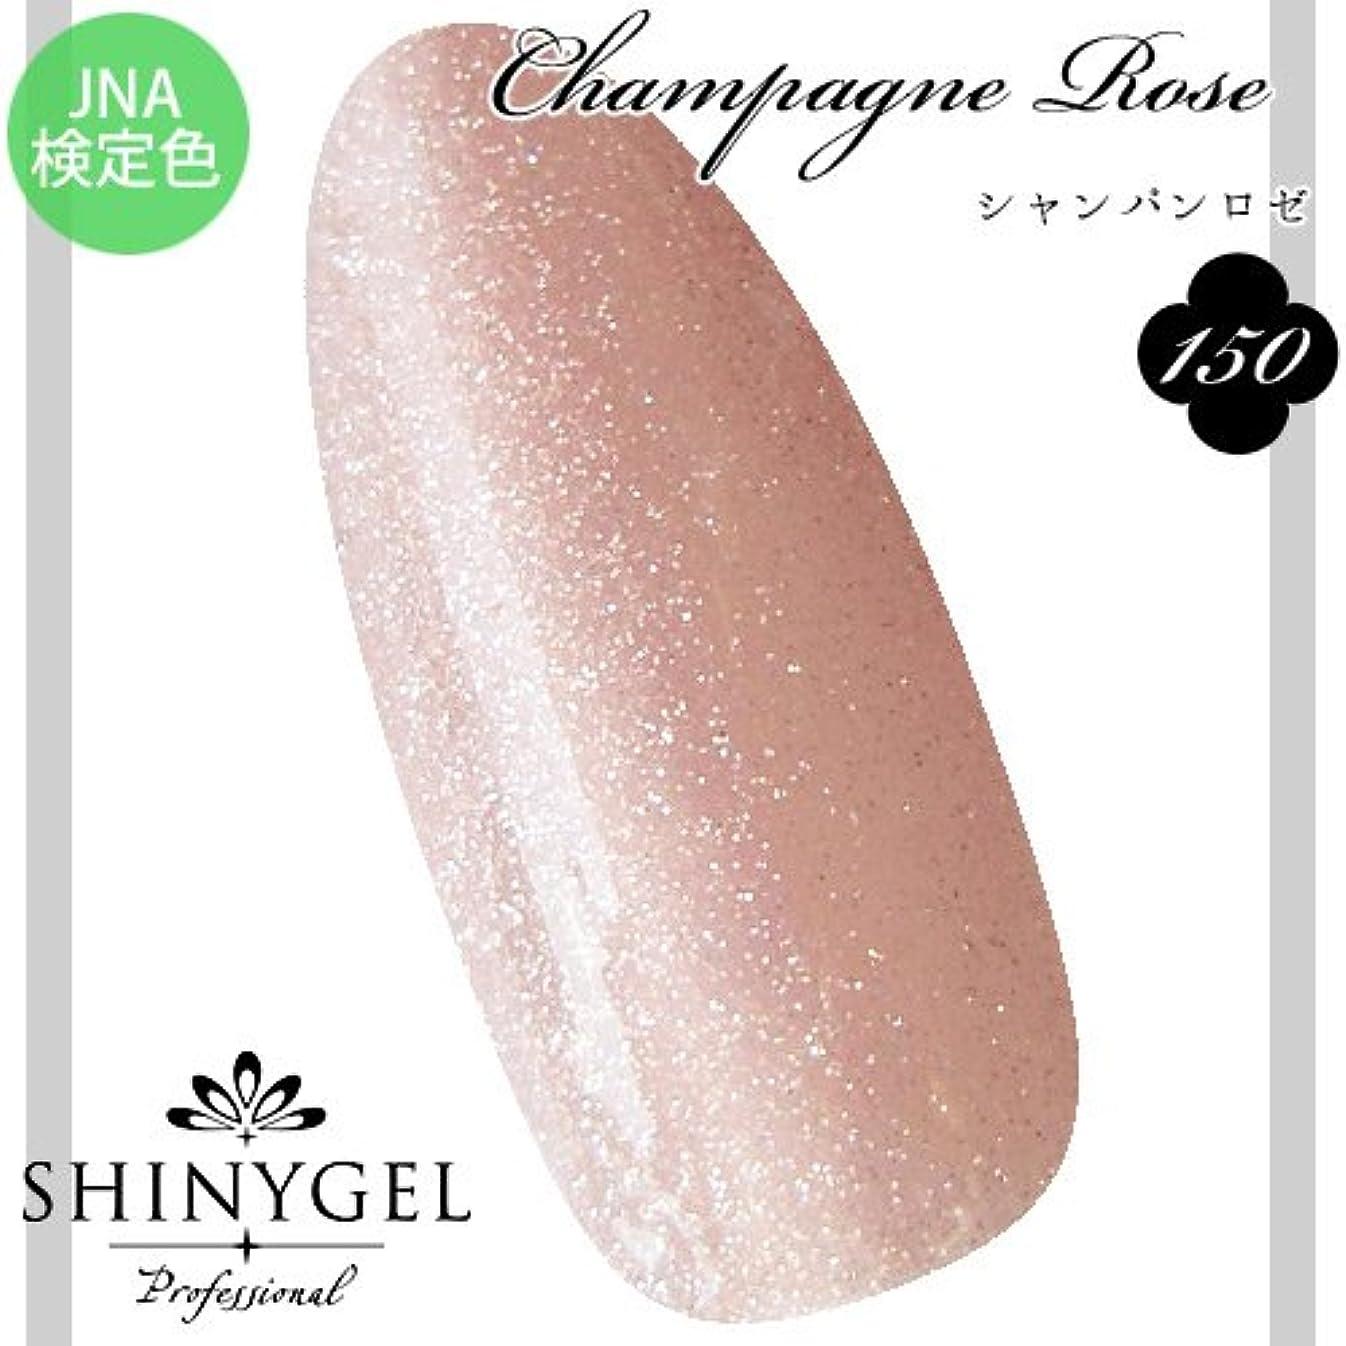 無謀研磨インキュバスSHINY GEL カラージェル 150 4g シャンパンロゼ シルバーラメをミックスしたラメローズ JNA検定色 UV/LED対応